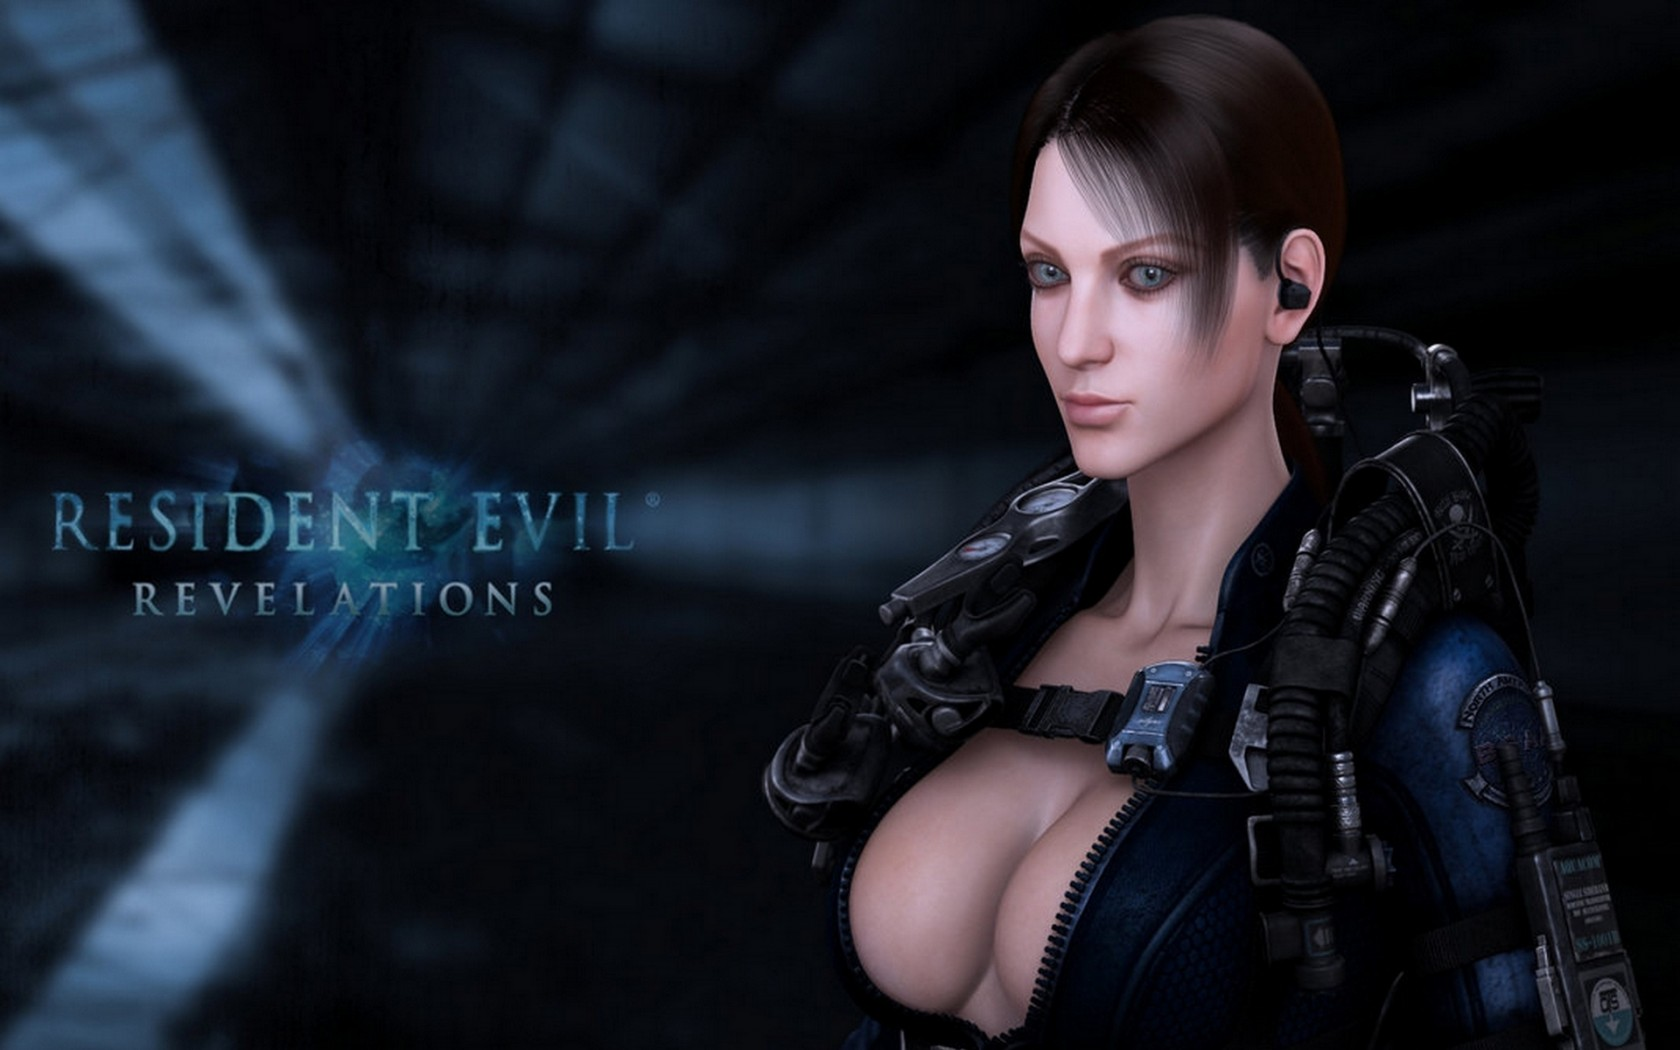 jill Resident valentine revelations evil